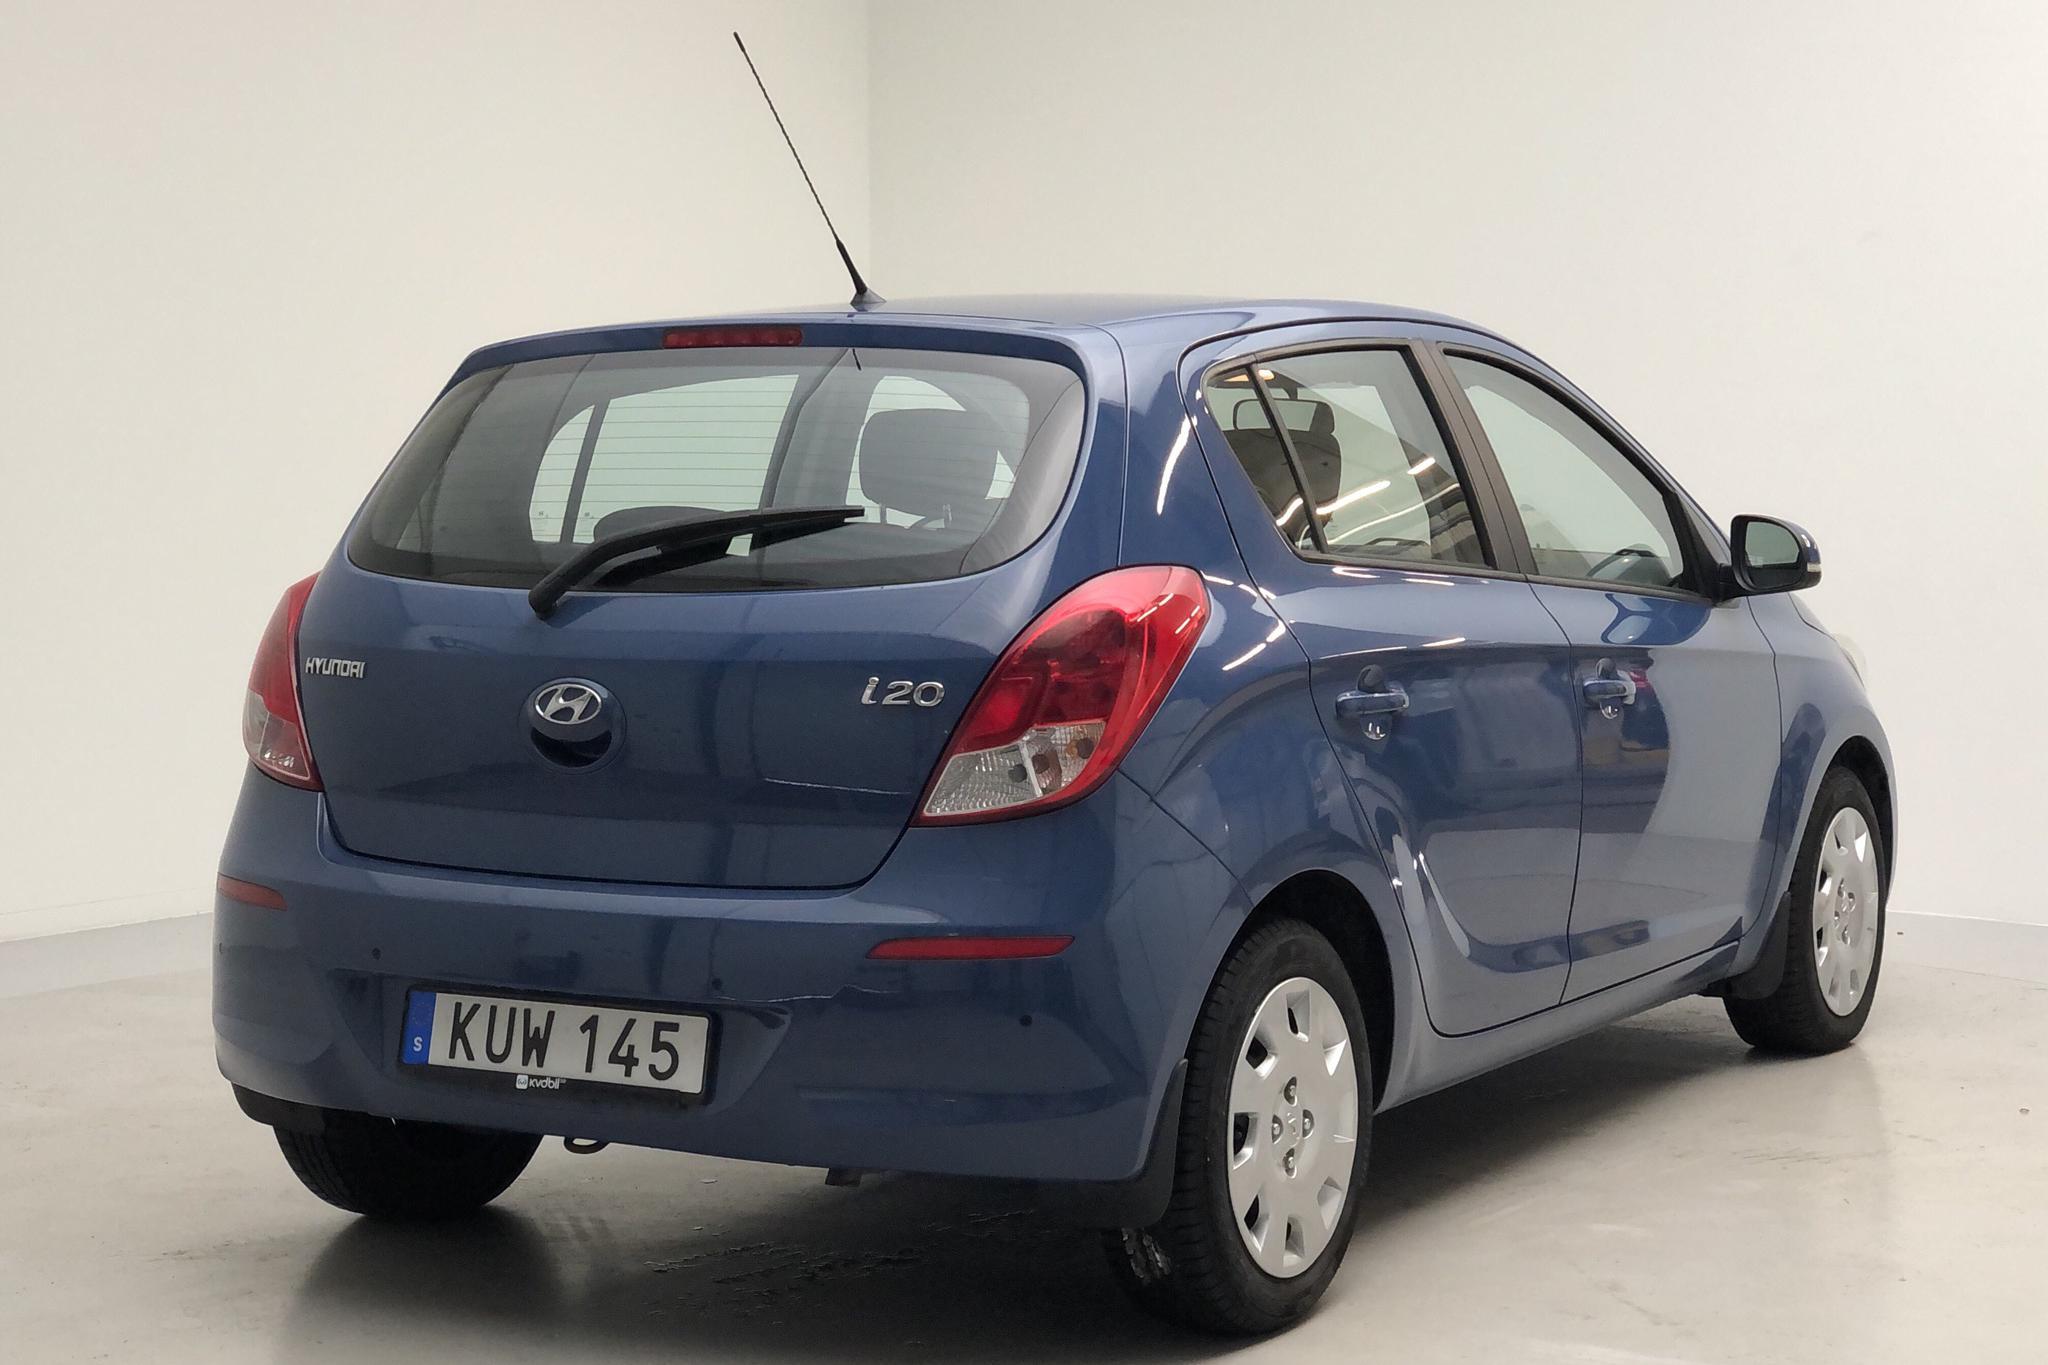 Hyundai i20 1.2 (85hk) - 124 910 km - Manual - Light Blue - 2014